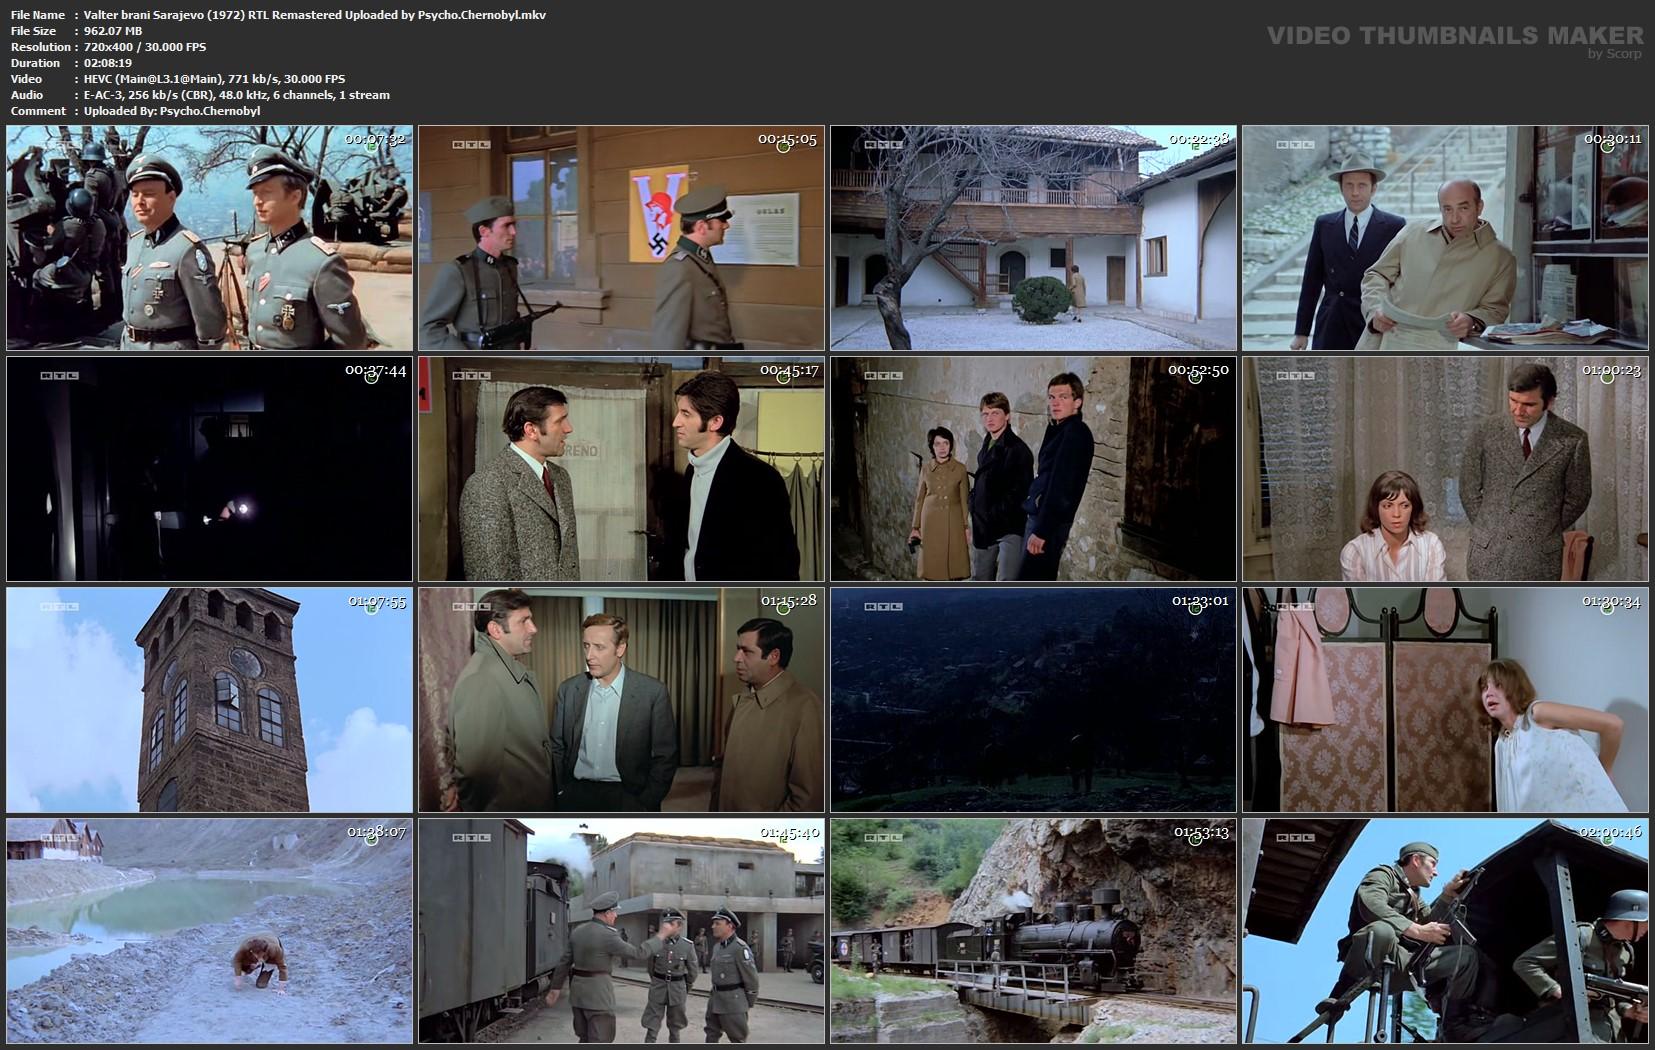 Valter-brani-Sarajevo-1972-RTL-Remastere